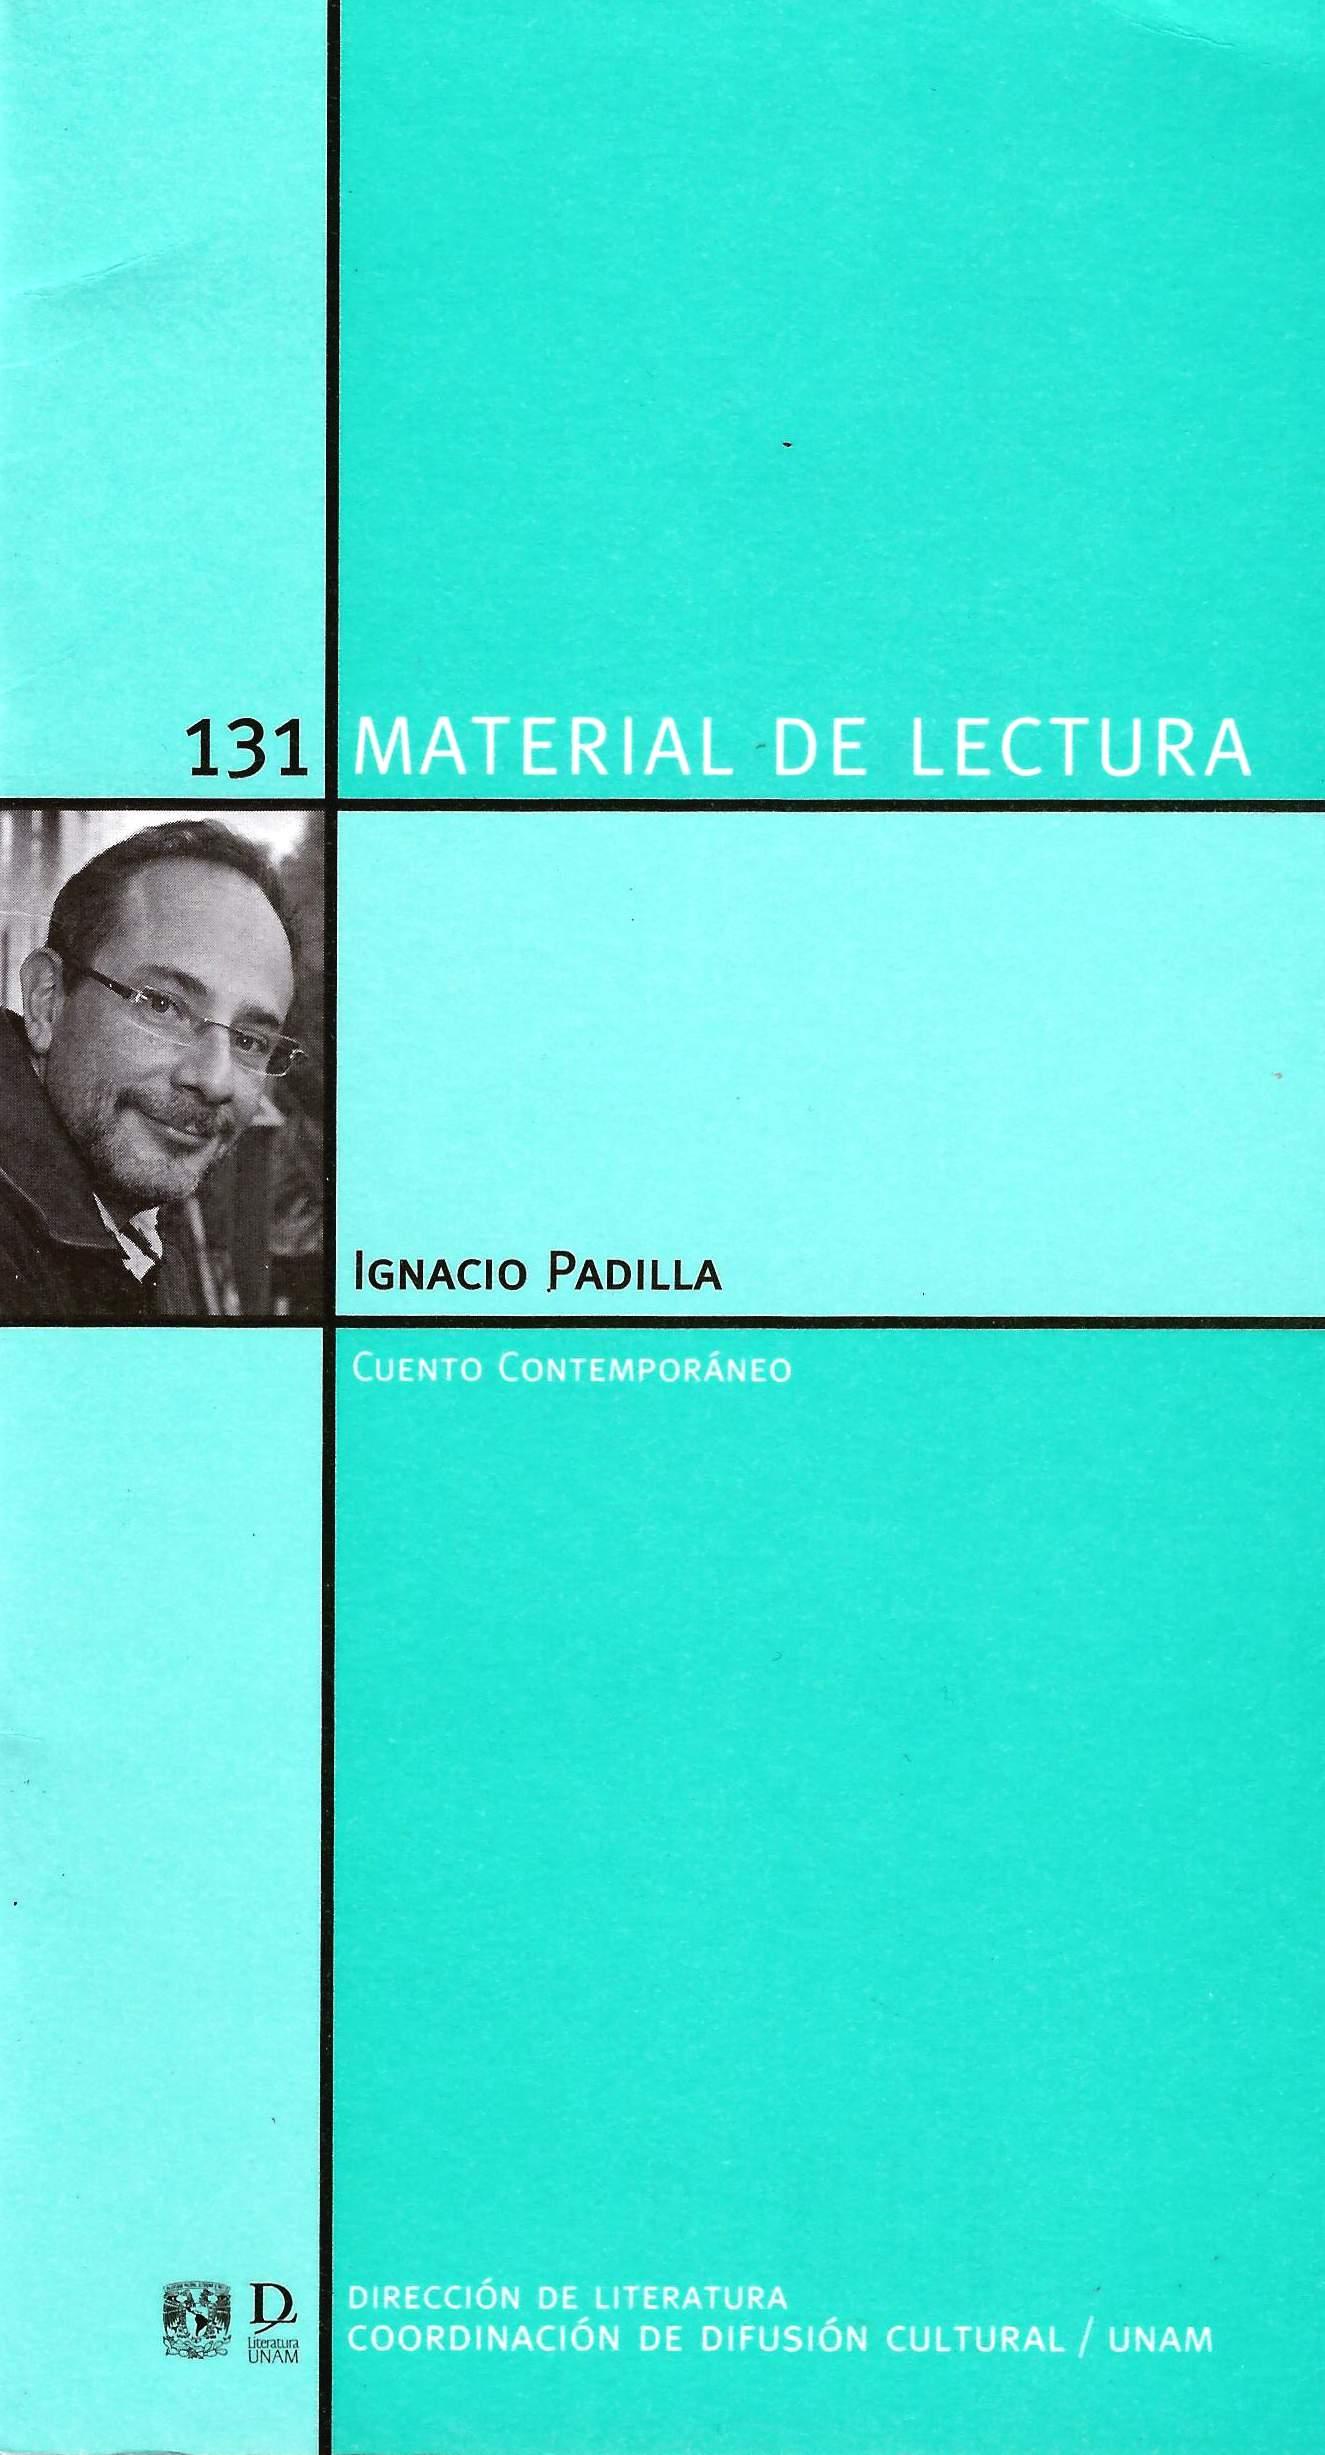 Ignacio Padilla. Cuento contemporáneo